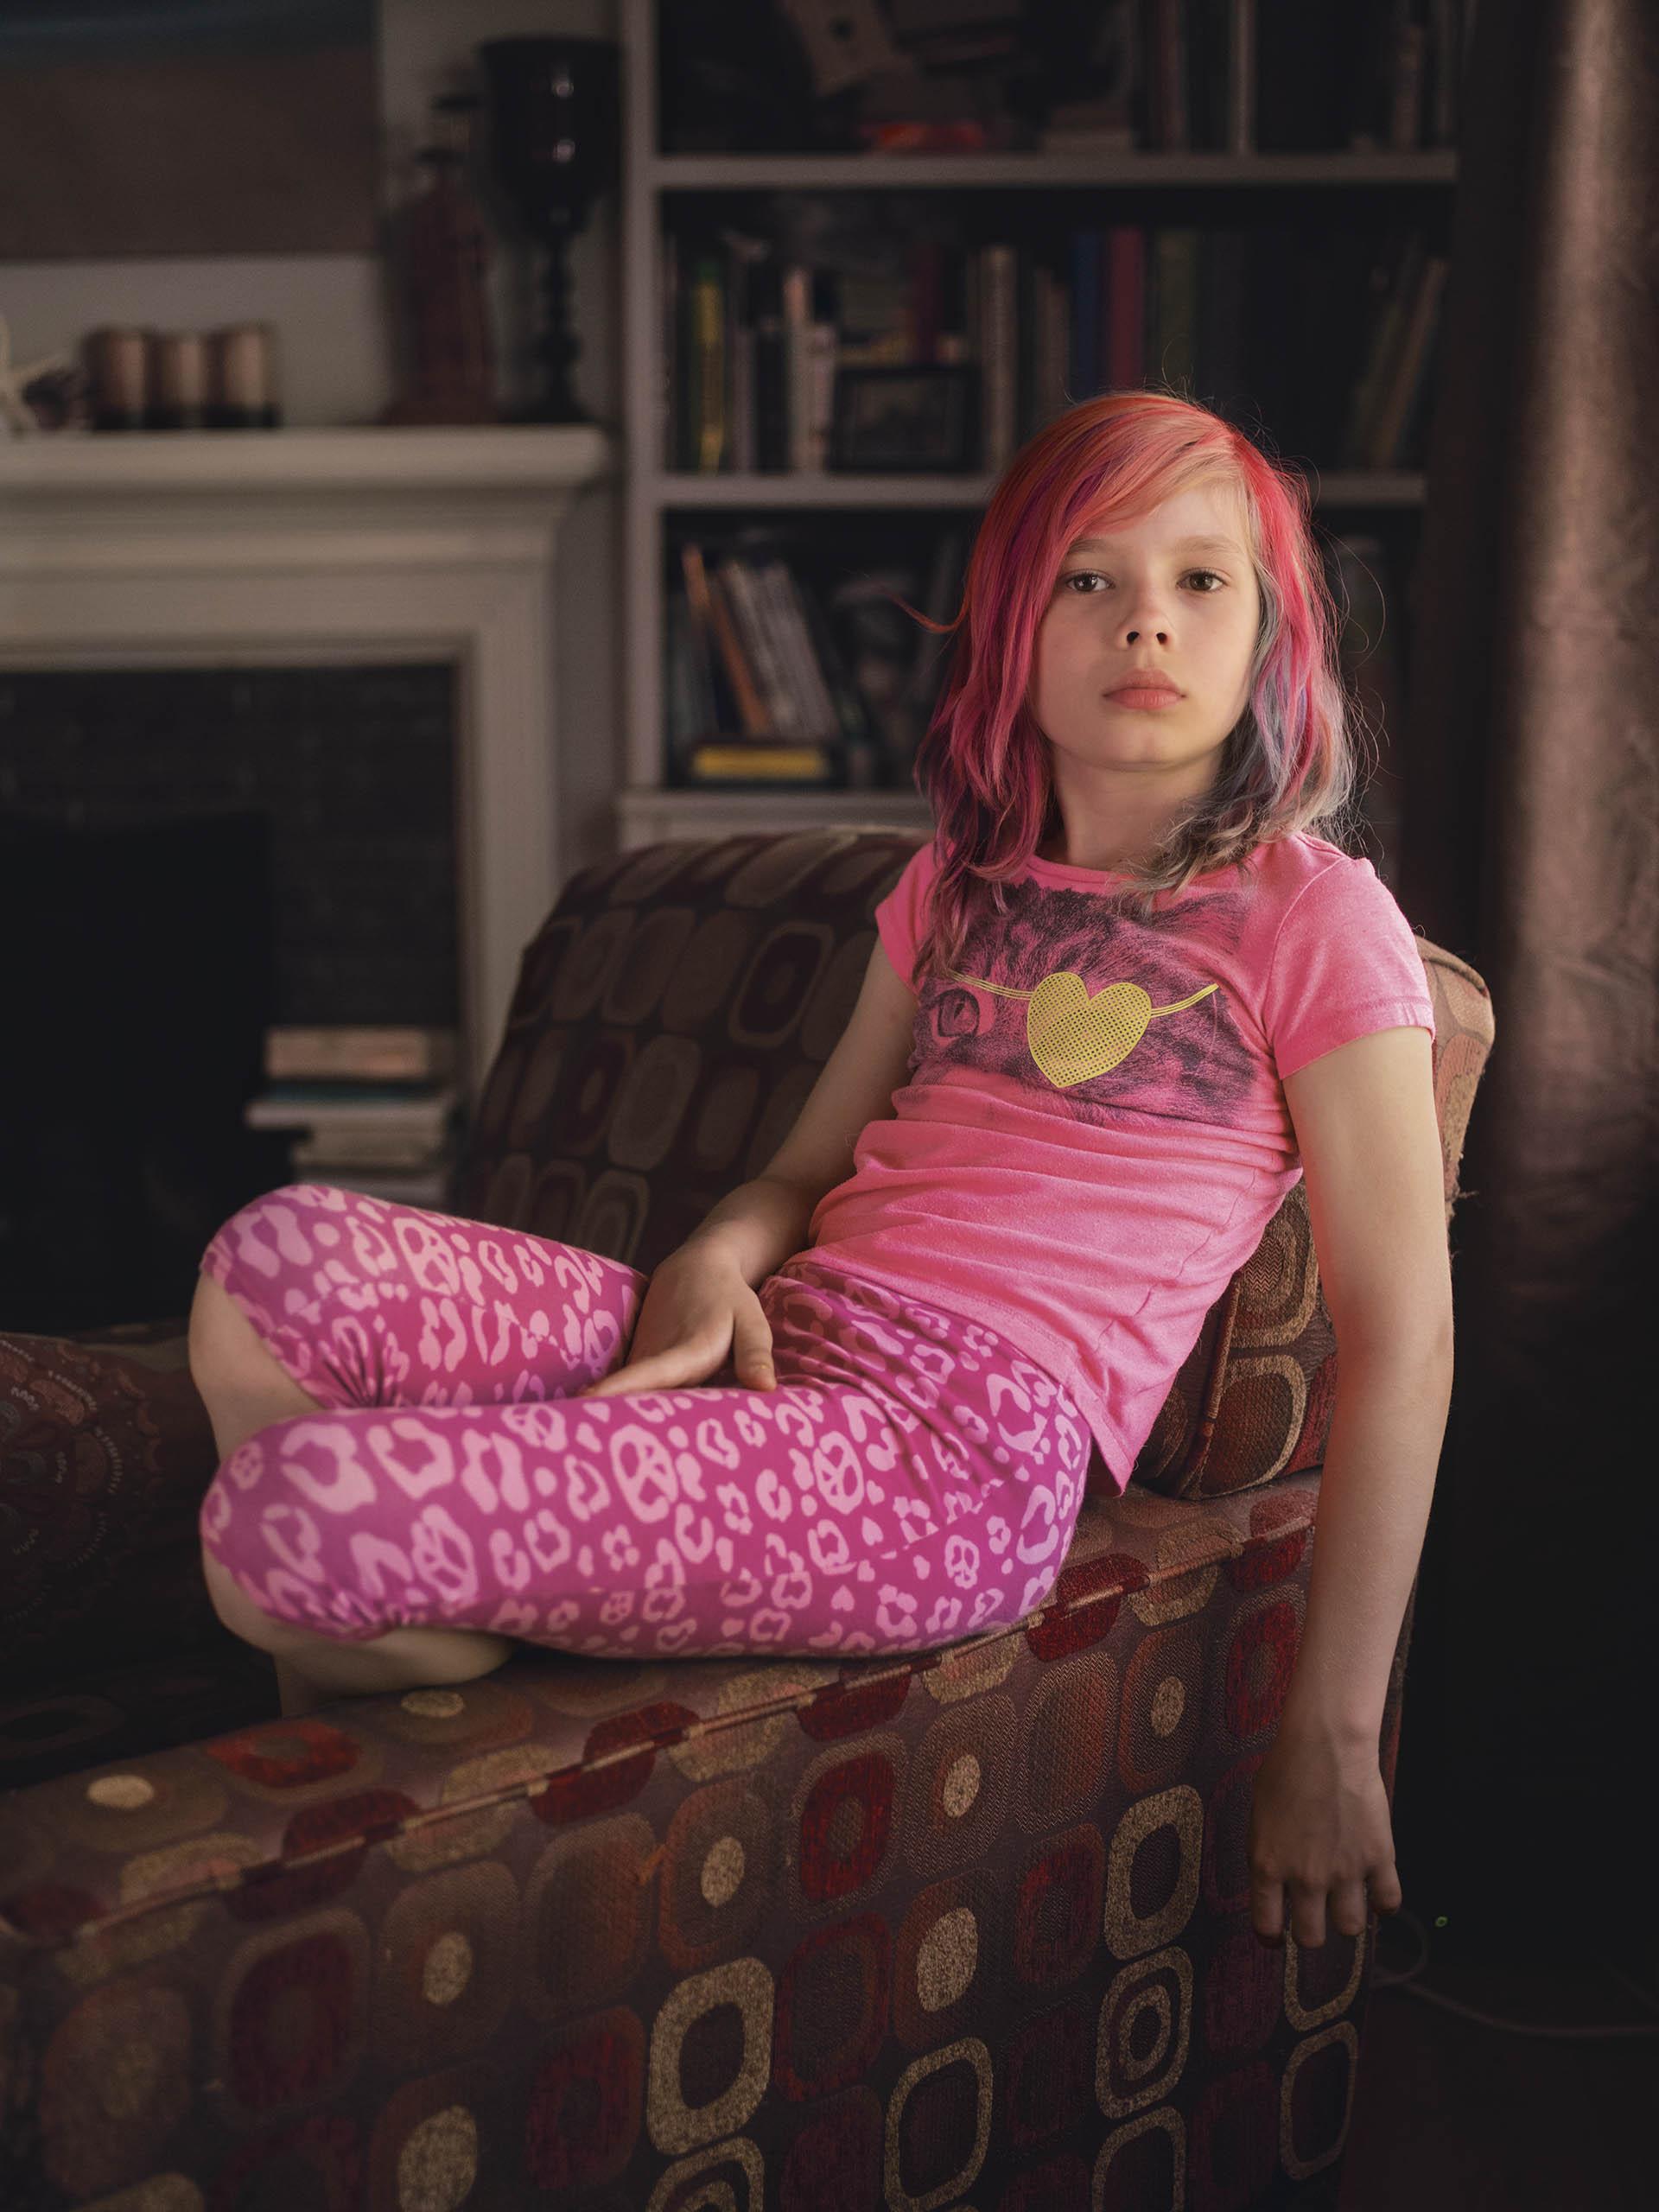 Avery Jackson, una niña trans de nueve años de Kansas City.